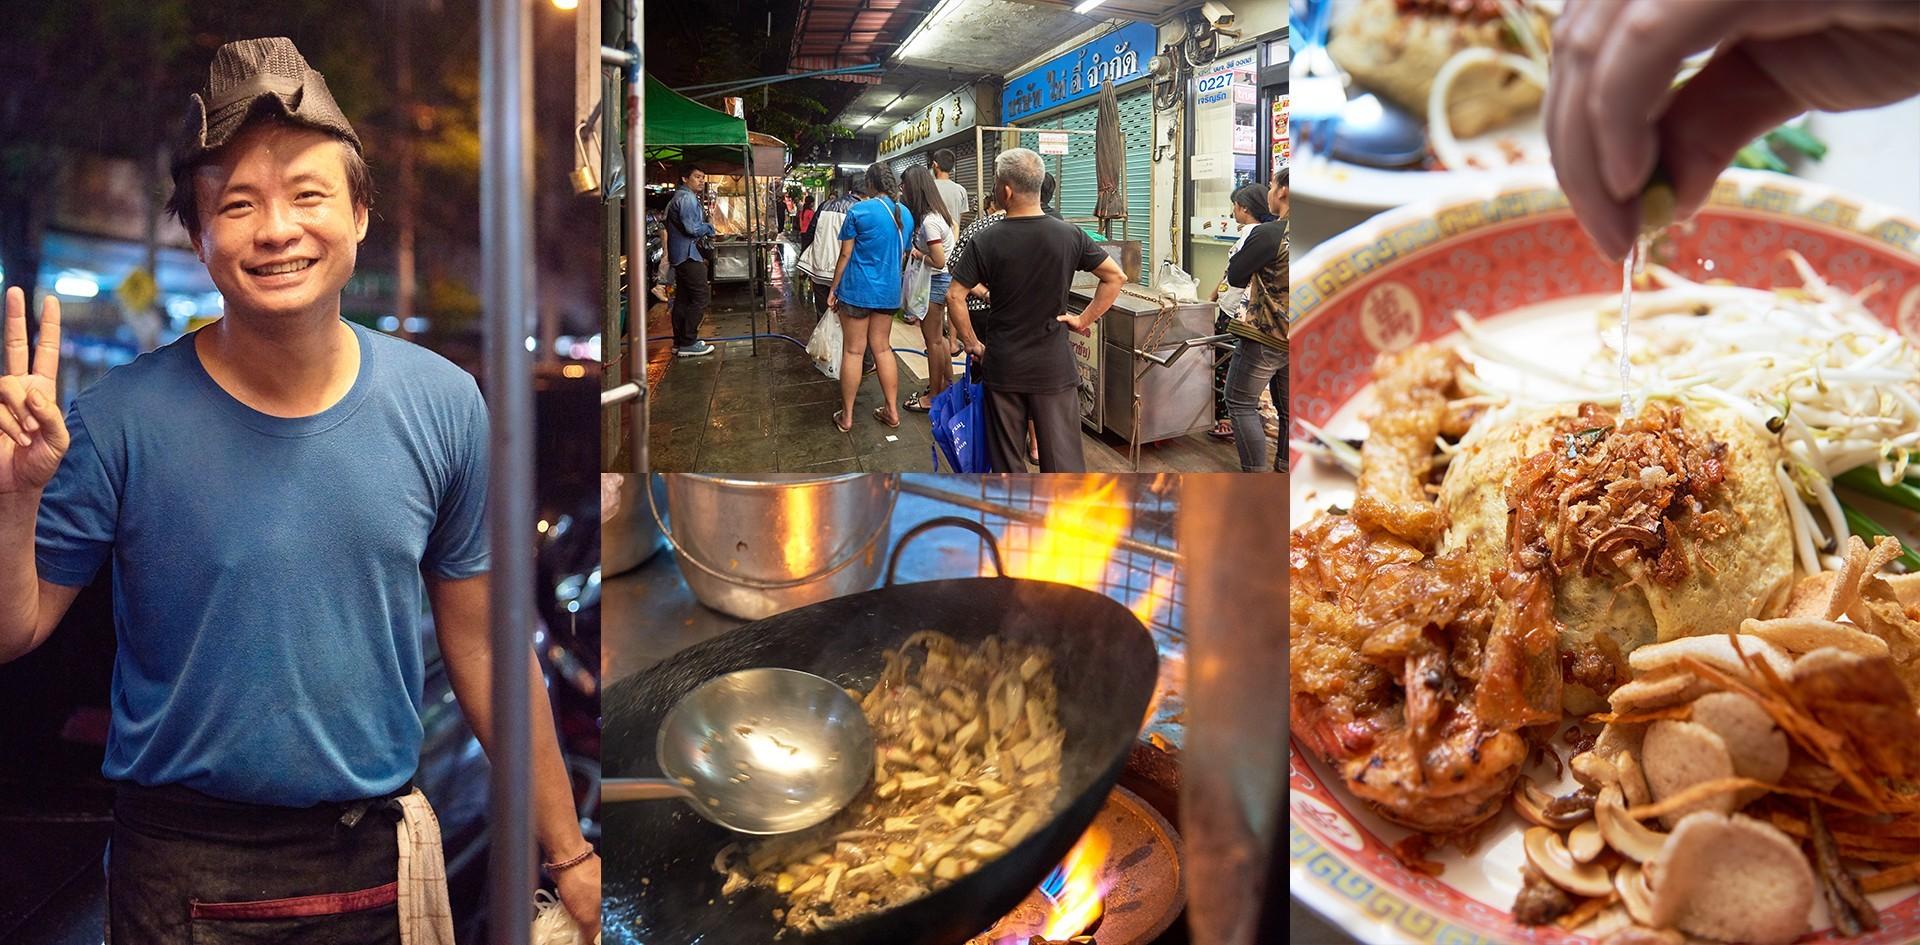 จากเด็กเสิร์ฟสู่เจ้าของร้านผัดไทยชื่อดังแห่งธนบุรี @หนูหนูผัดไทยนรกแตก